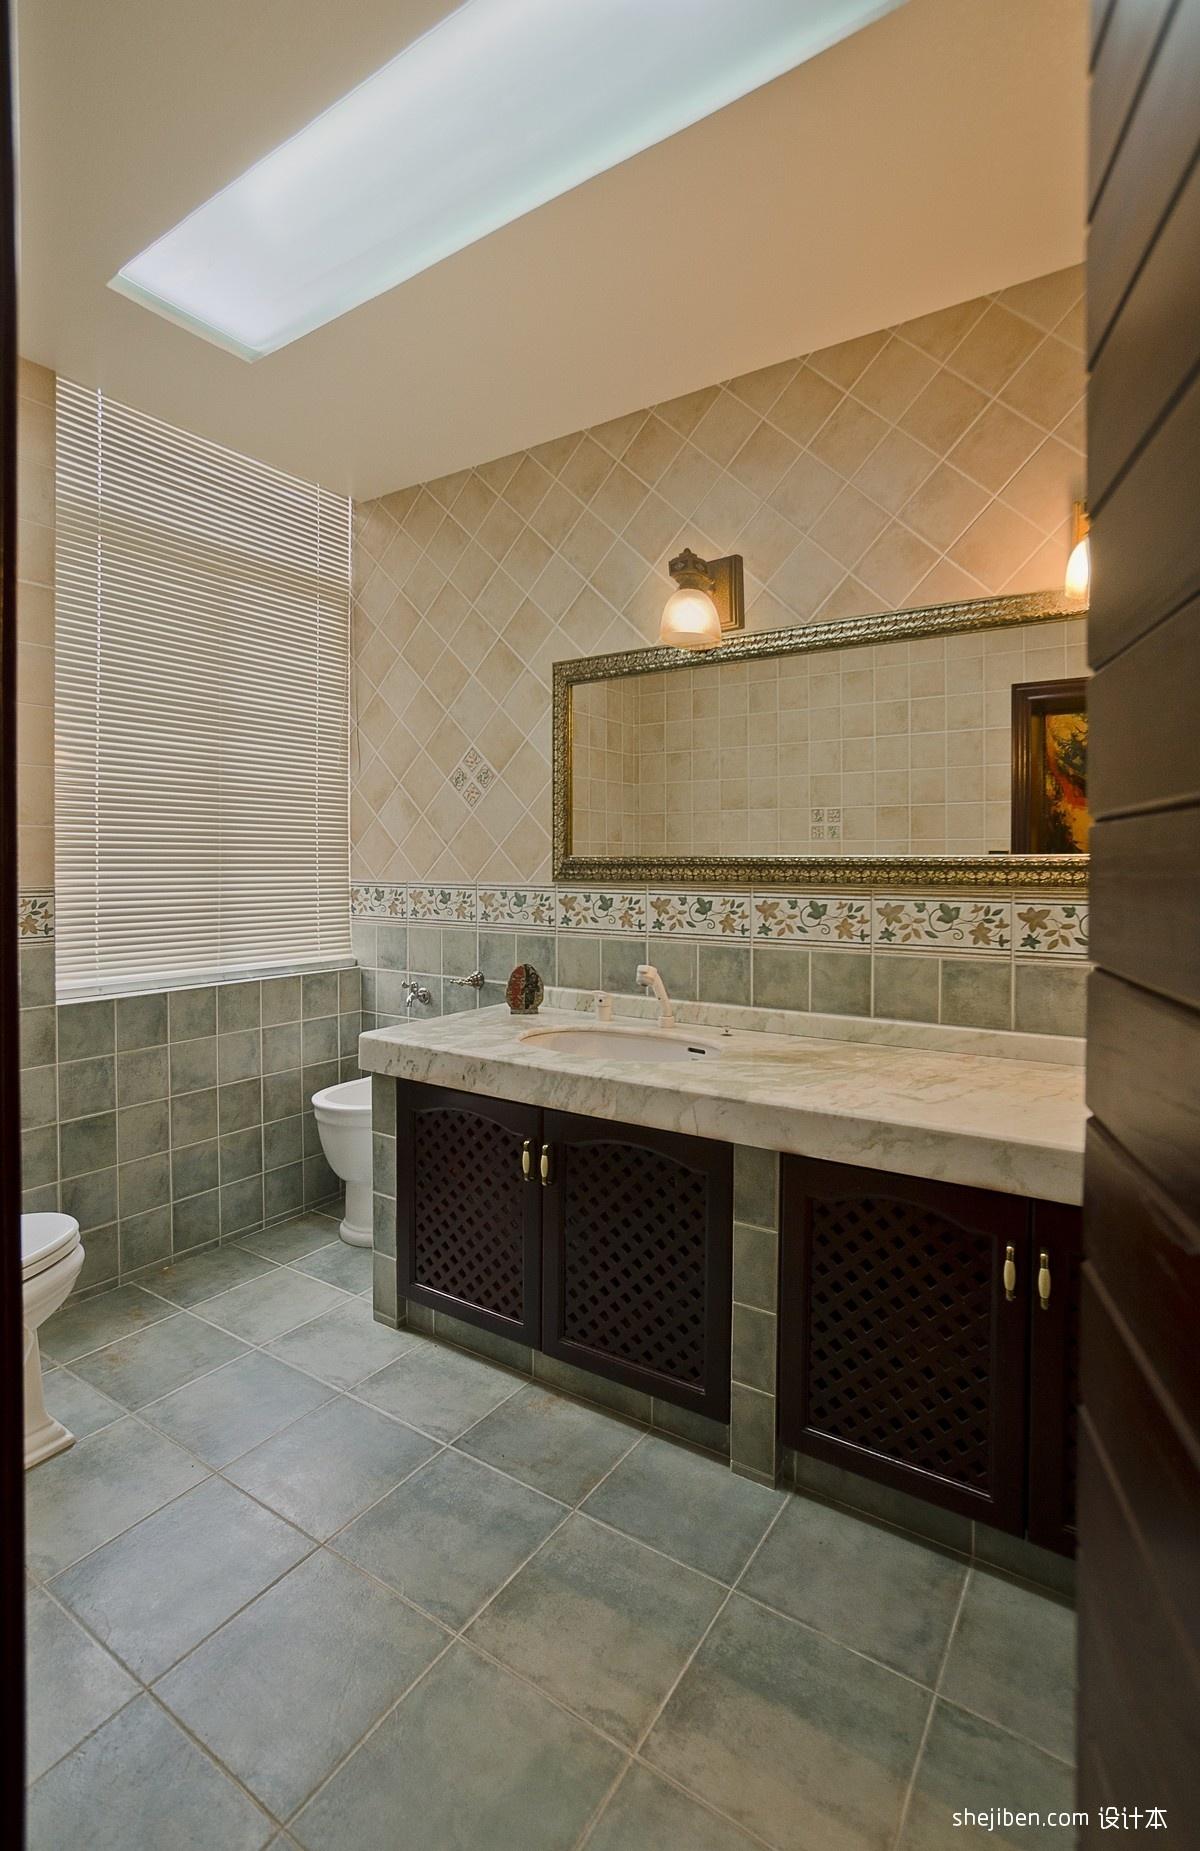 2013美式风格别墅家用次卫生间吊顶防滑瓷砖镜子装修效果图高清图片